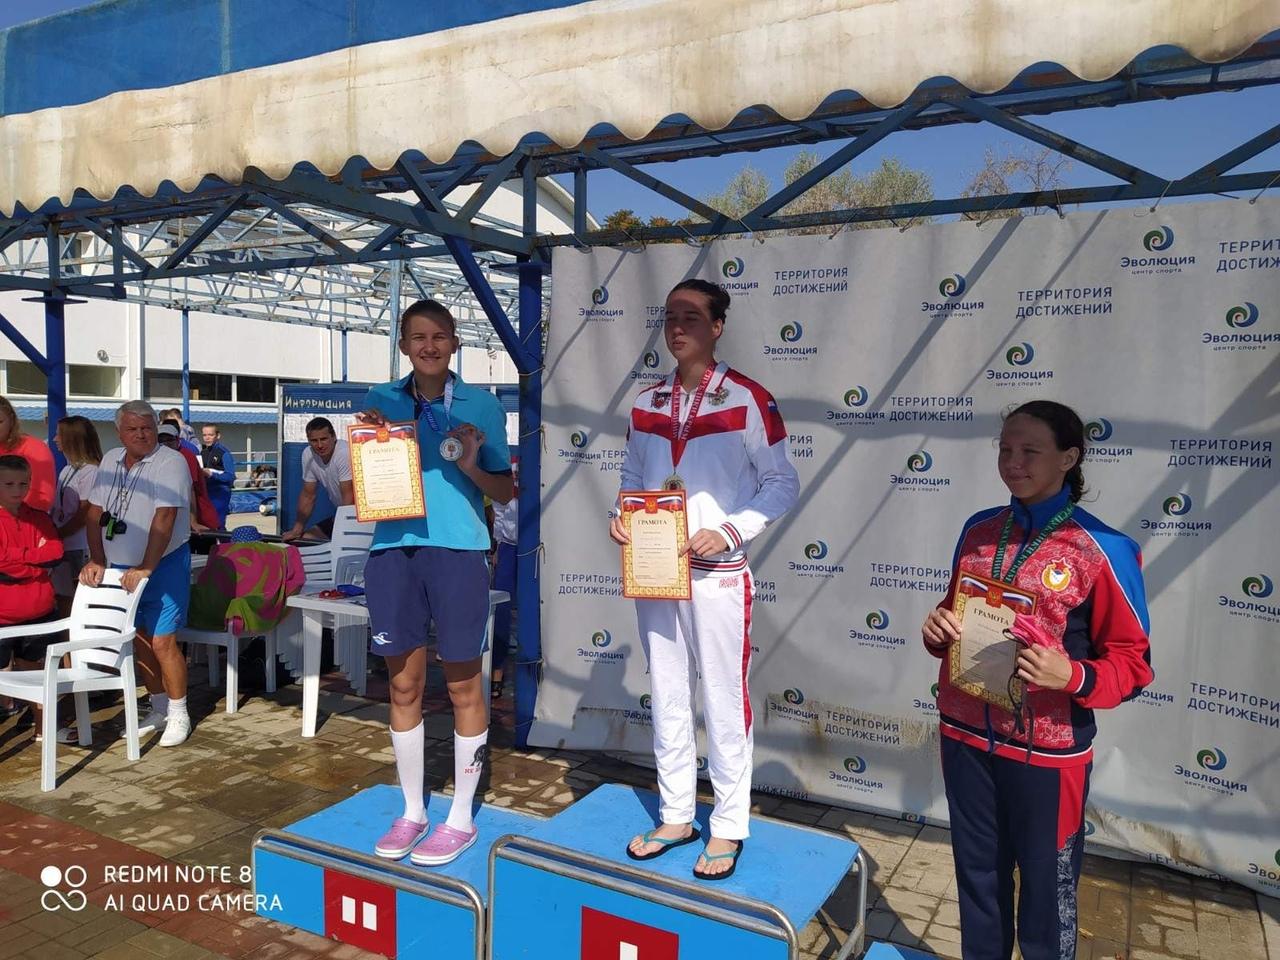 Спортсмены Донецка – победители и призёры соревнований по плаванию в Крыму